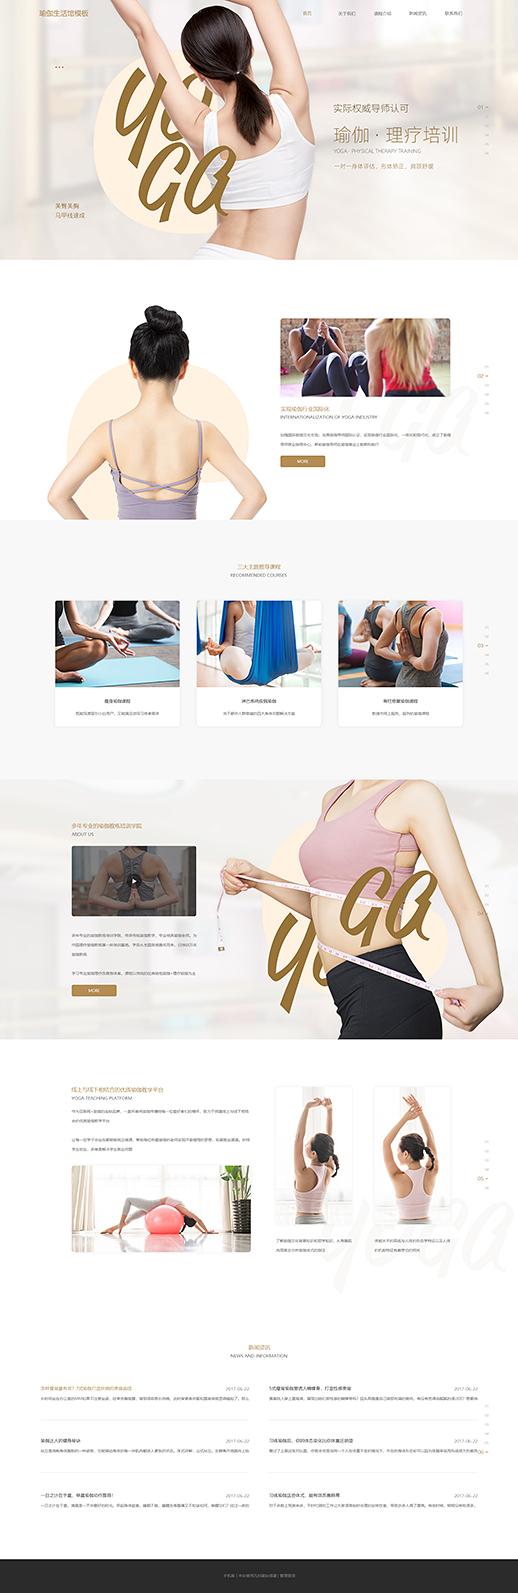 个性瑜伽生活馆自适应网站模板